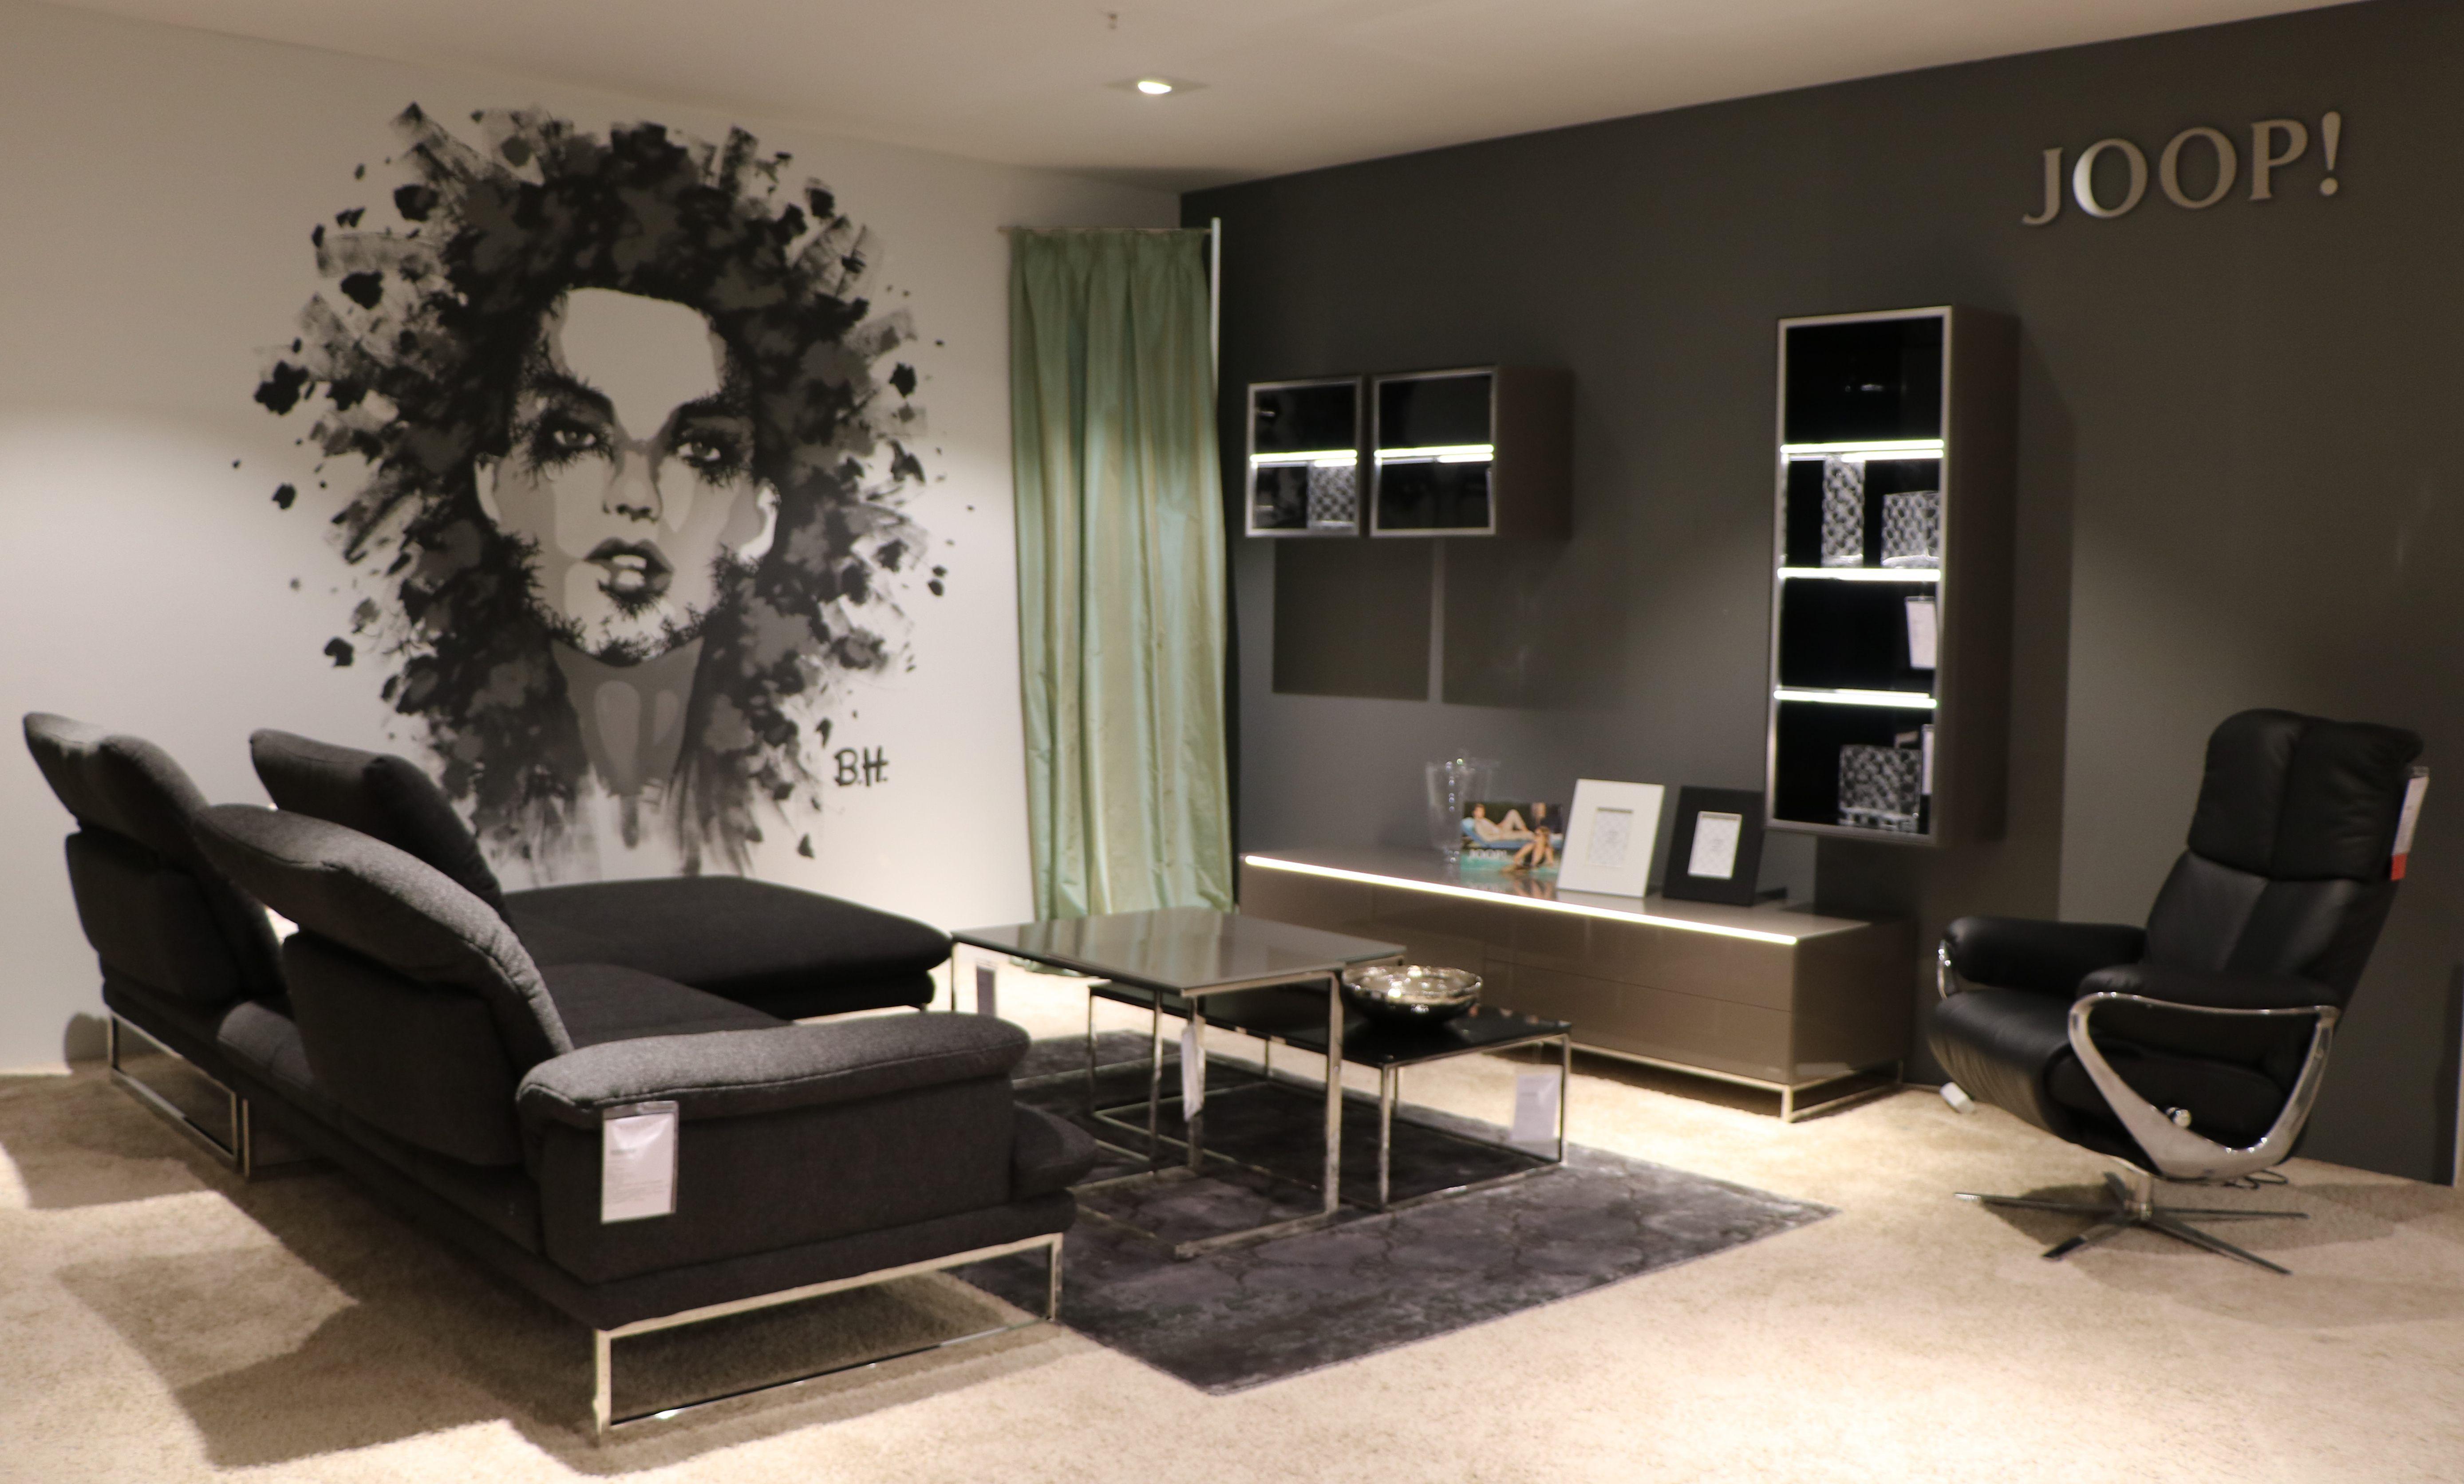 Moderne Wandgestaltung Im Wohnzimmer Kombiniert Von Möbel Aus Der Kollektion Von Wolfgang Joop Gehalten In Grautönen Joop Möbel Möbel Wohnzimmer Wohnzimmer